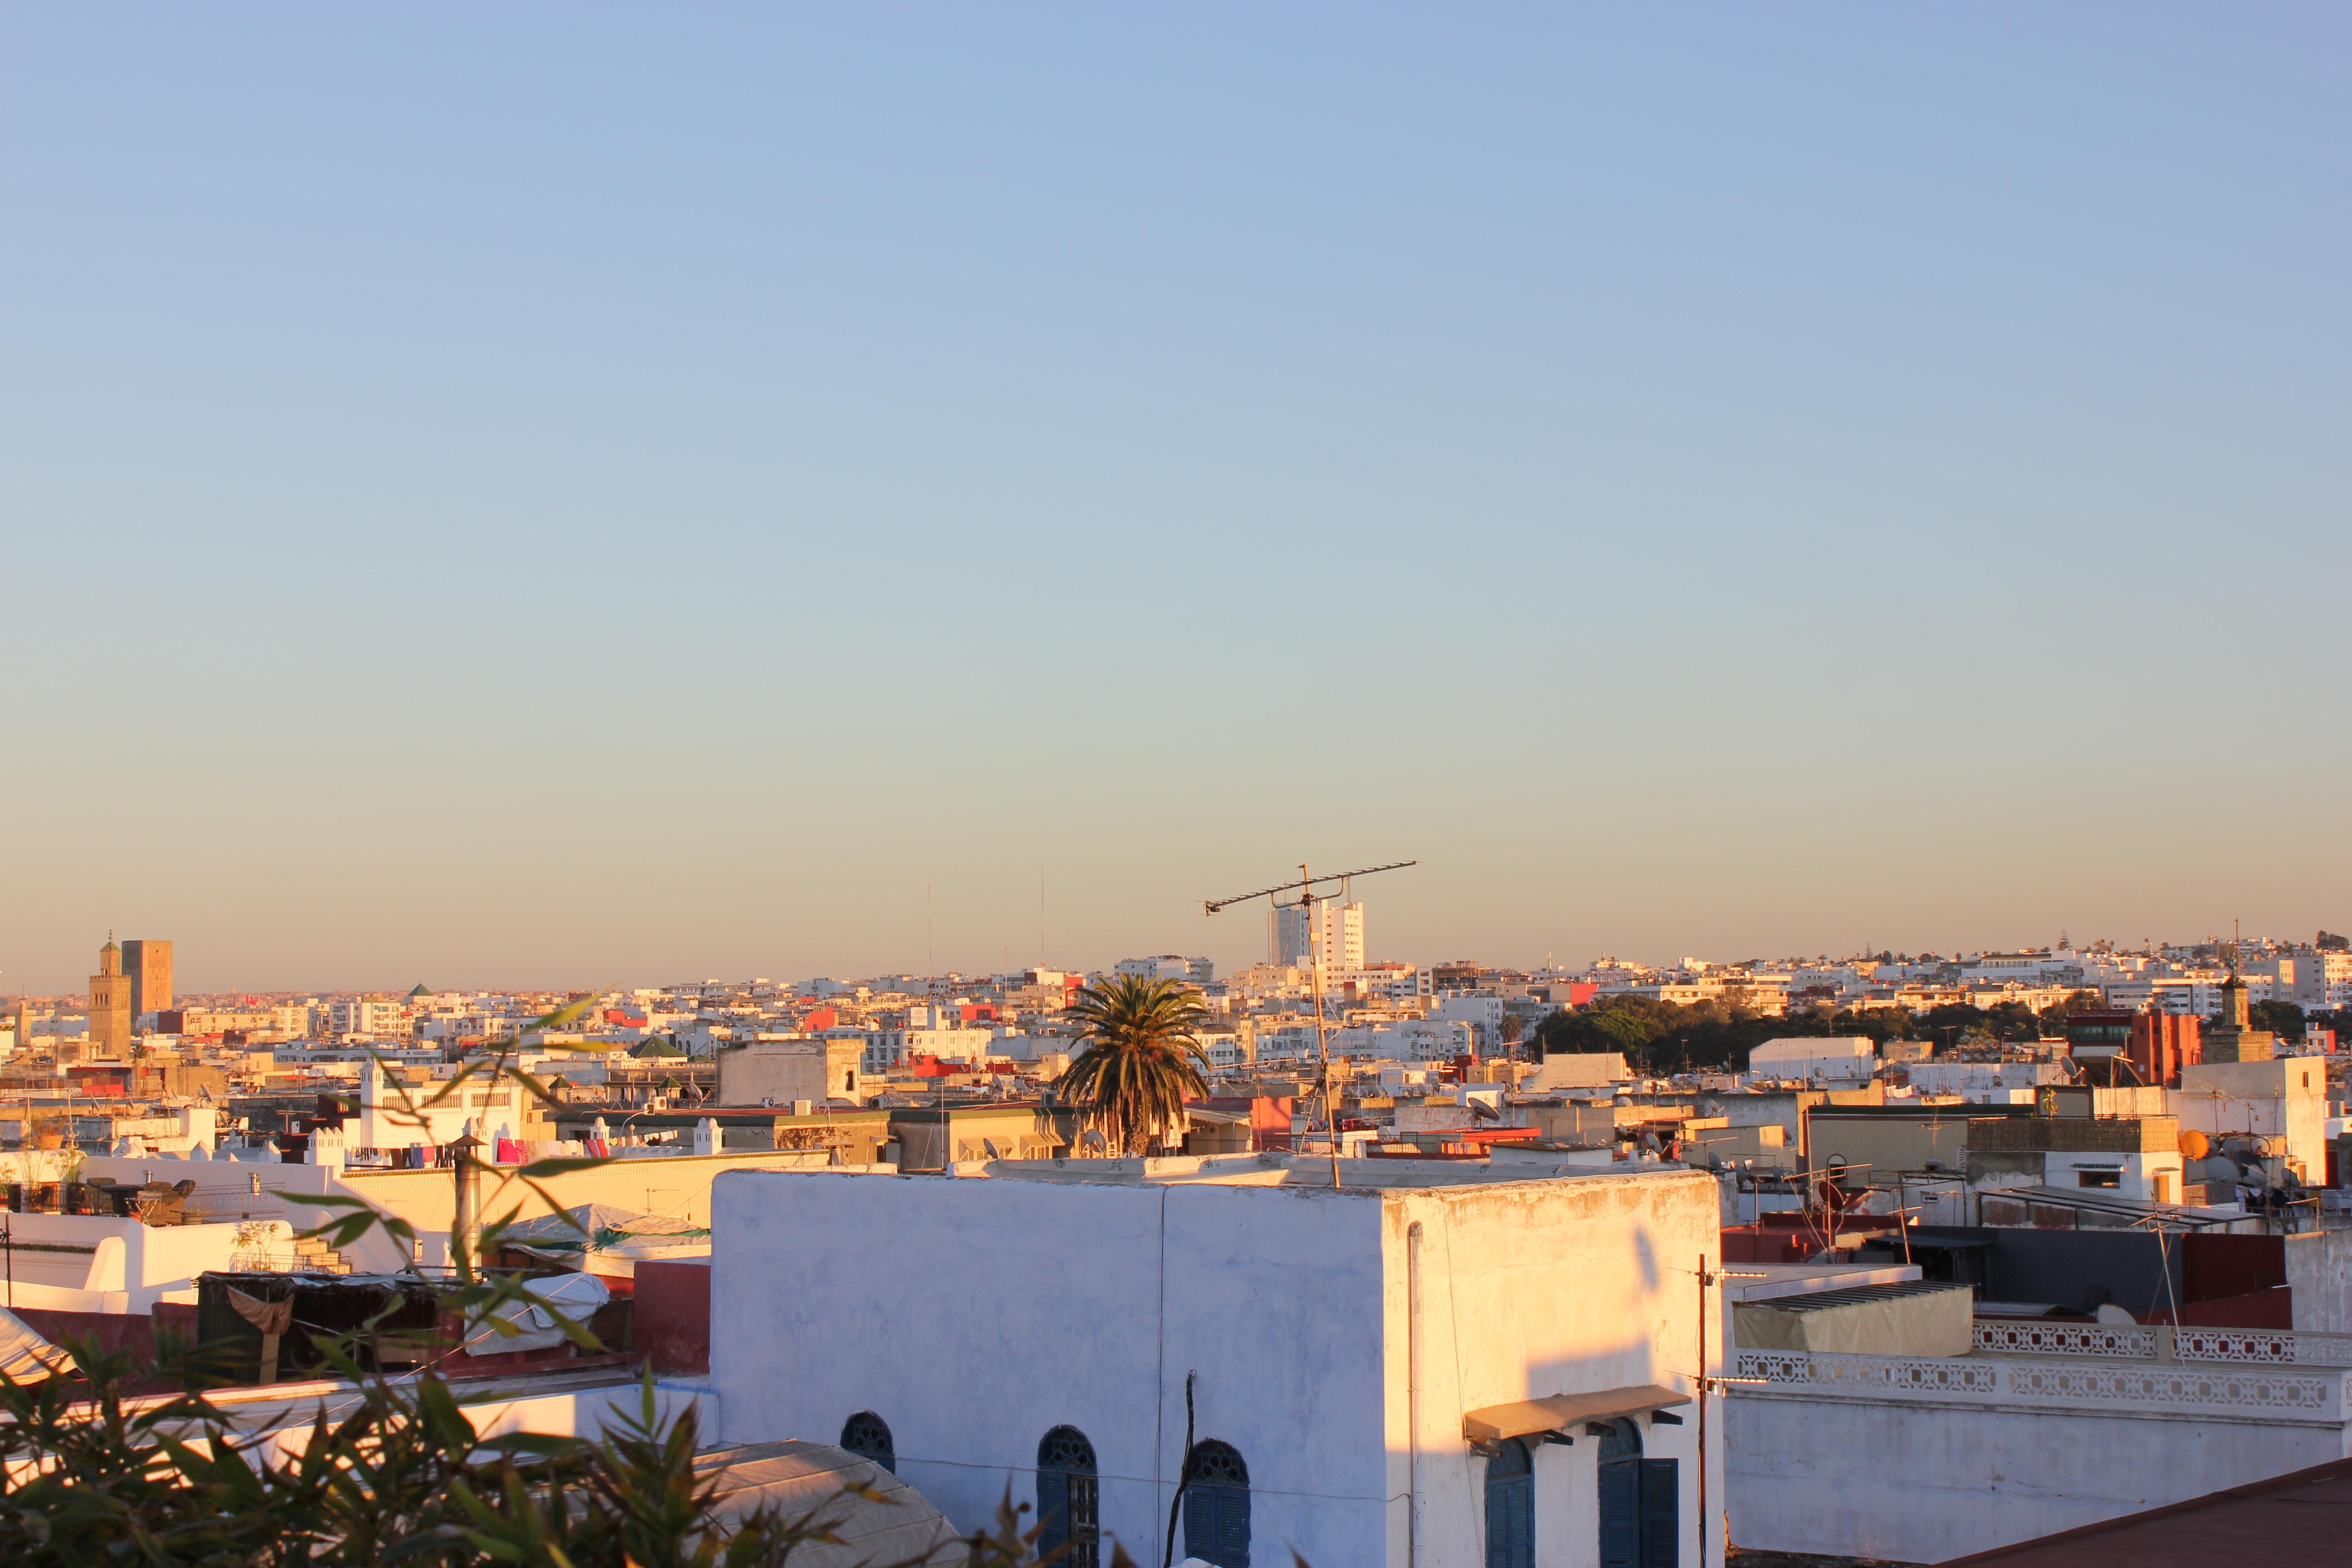 Rabat, Morocco 2013.